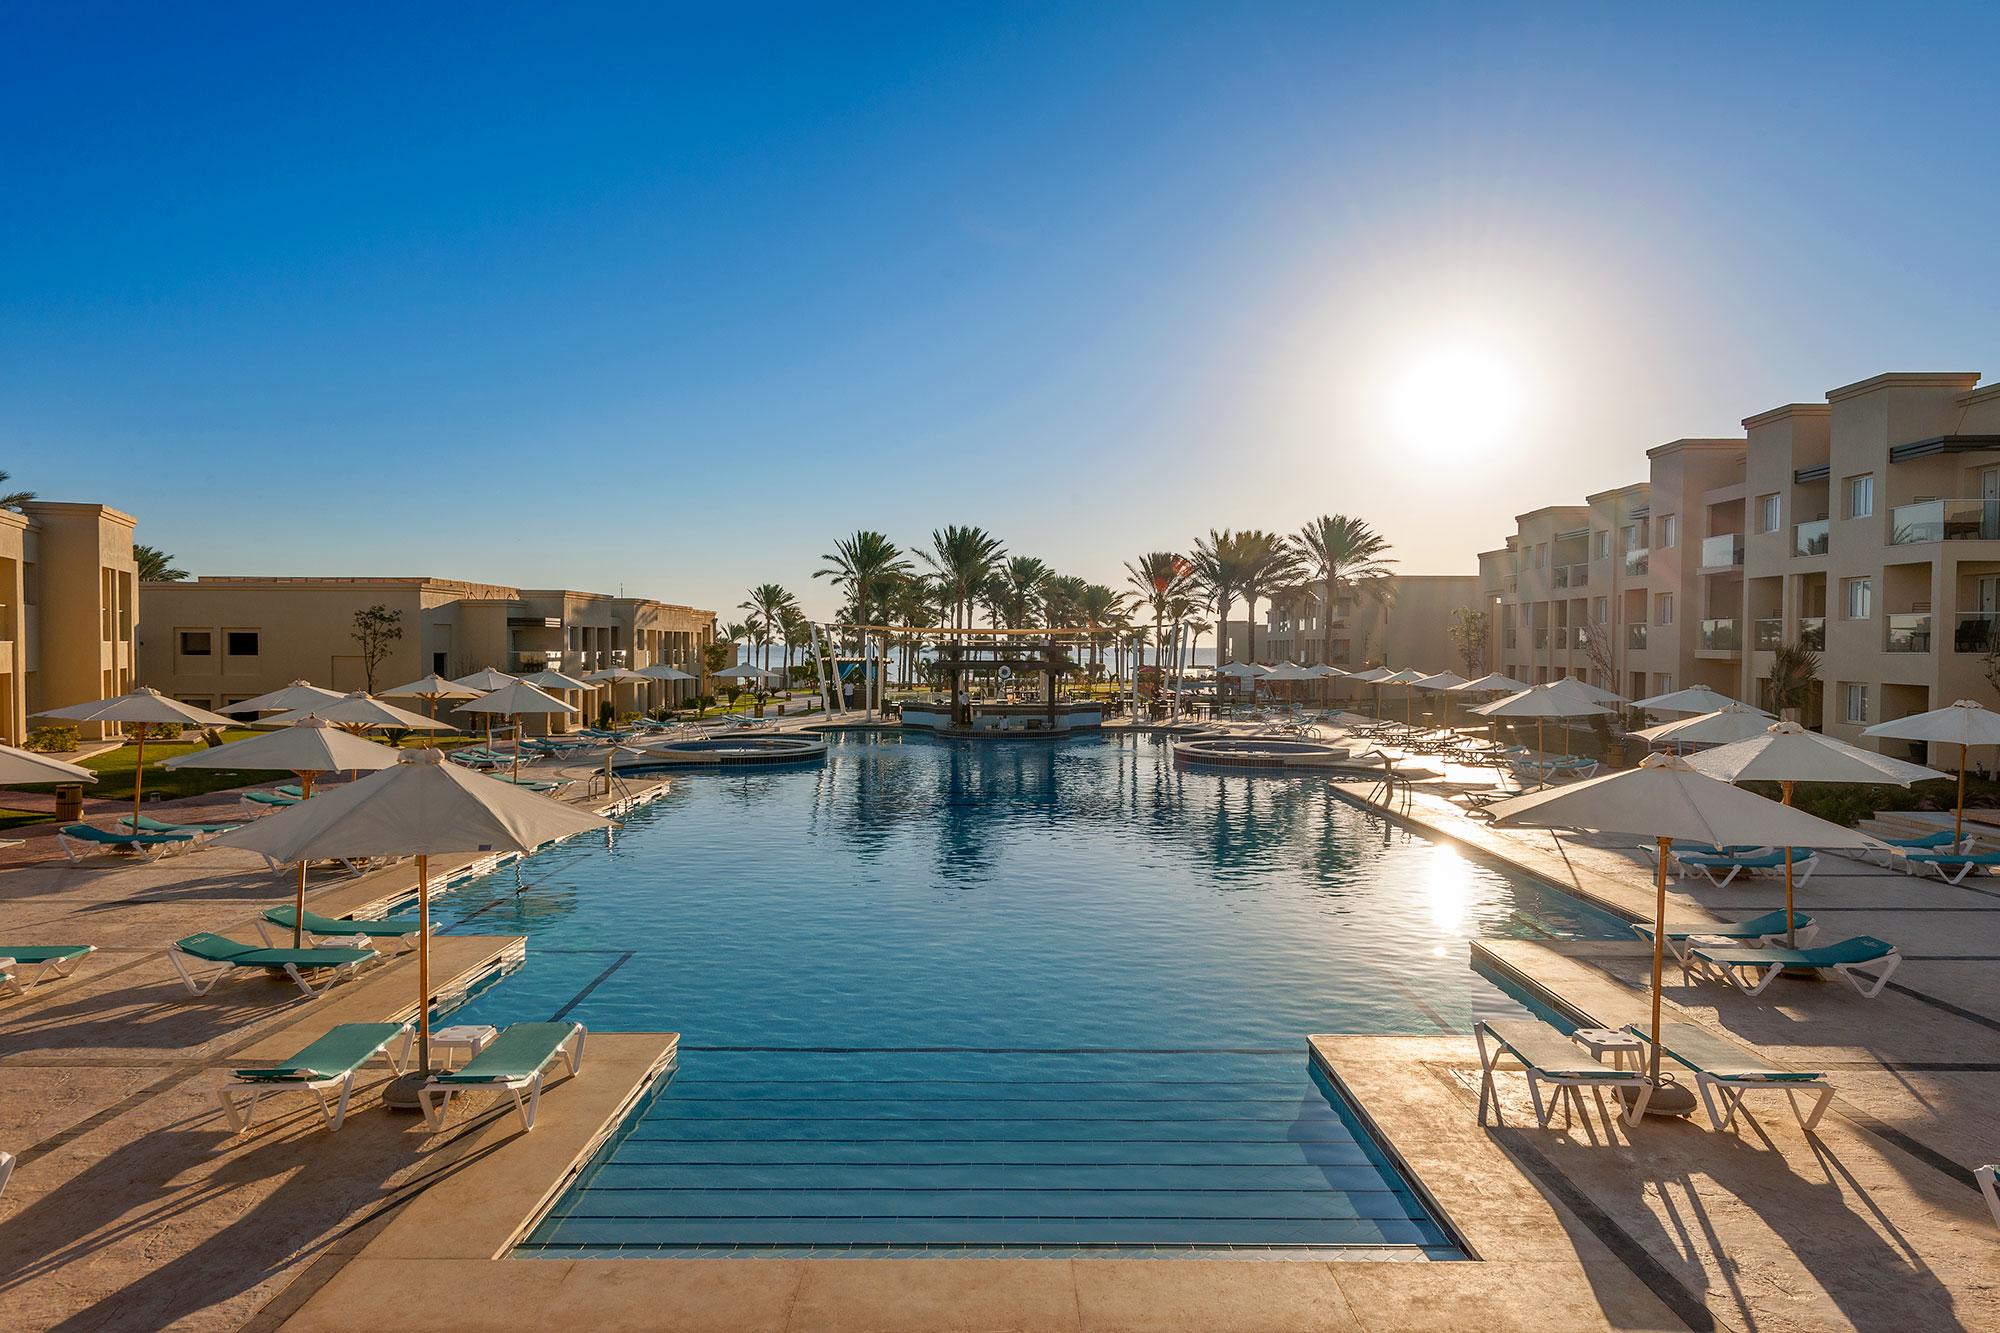 Бассейн вRixos Premium Seagate. Вотеле есть собственный аквапарк с23 водными горками, бассейном сискусственными волнами икартингом, вход куда открыт только постояльцам Rixos Sharm El Sheikh иRixos Premium Seagate